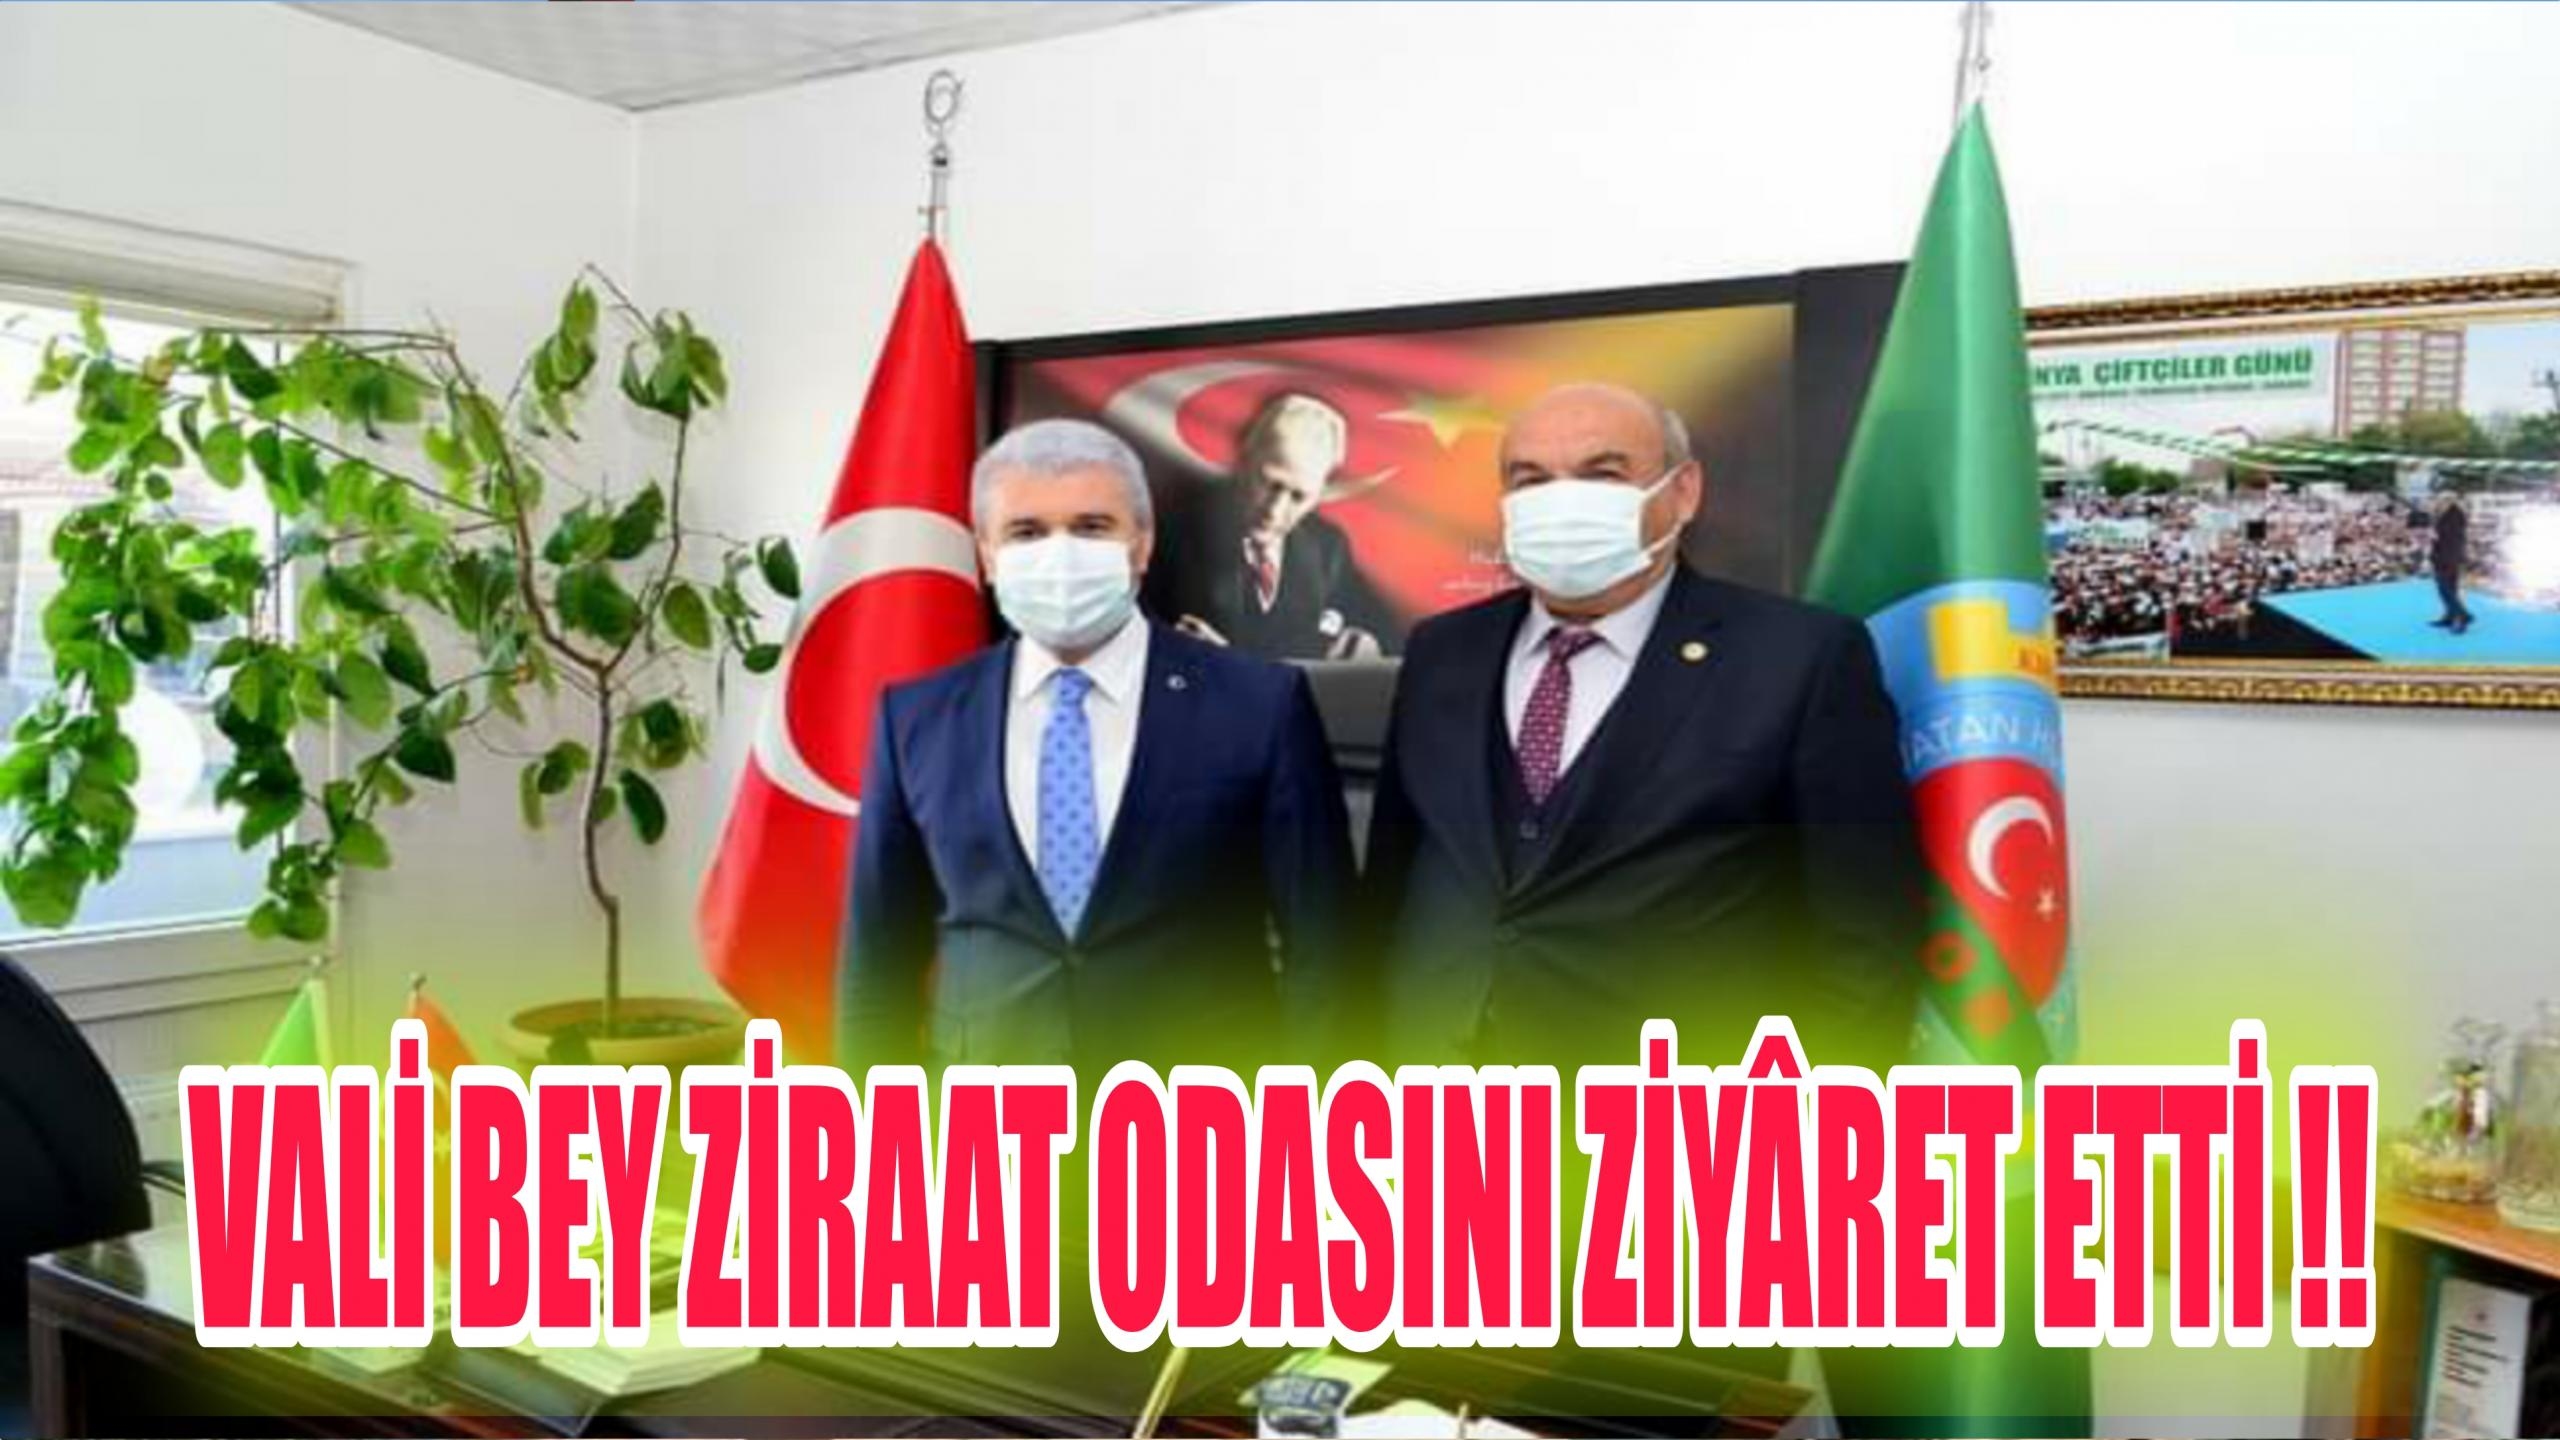 VALİ İBRAHİM AKIN ZİRAAT ODASINI ZİYÂRET ETTİ !!